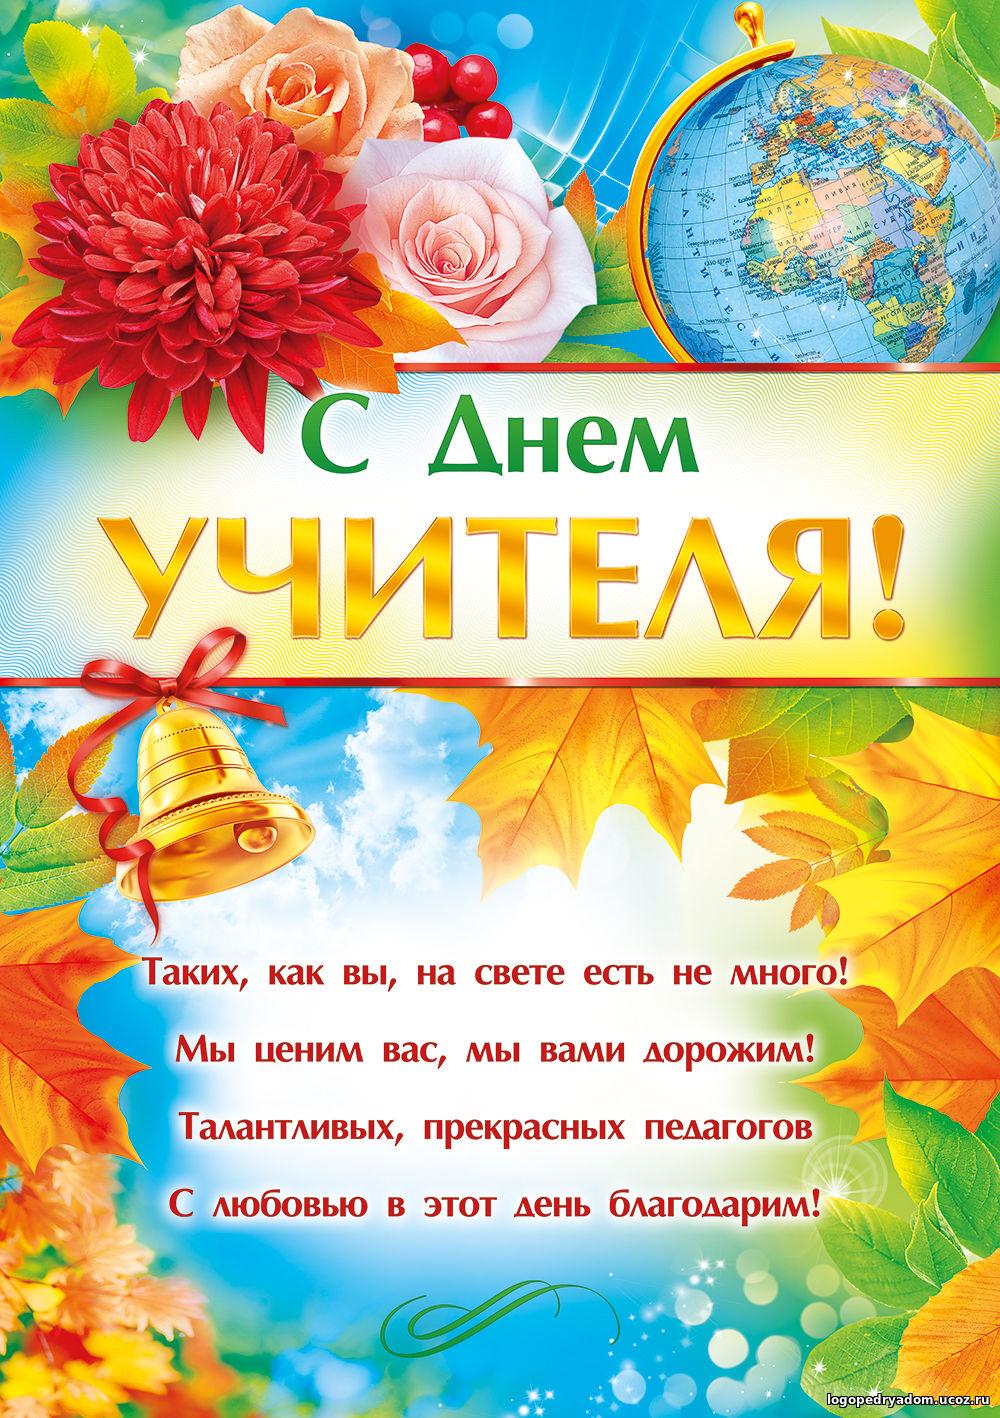 Свадебной открытке, 5 октября день учителя картинки поздравления